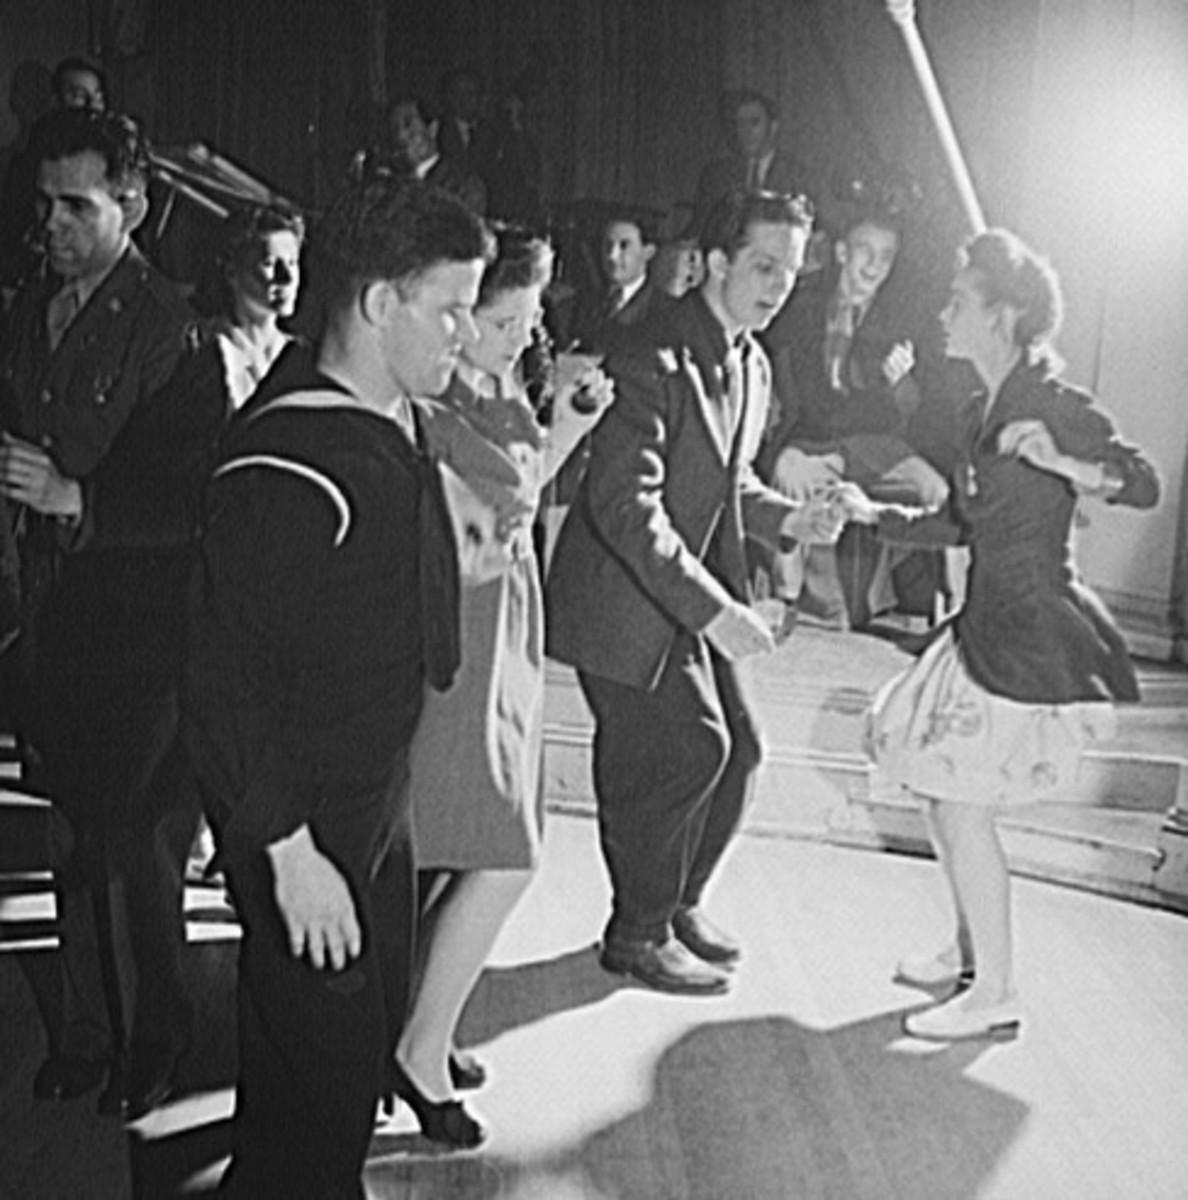 1940s Dancing